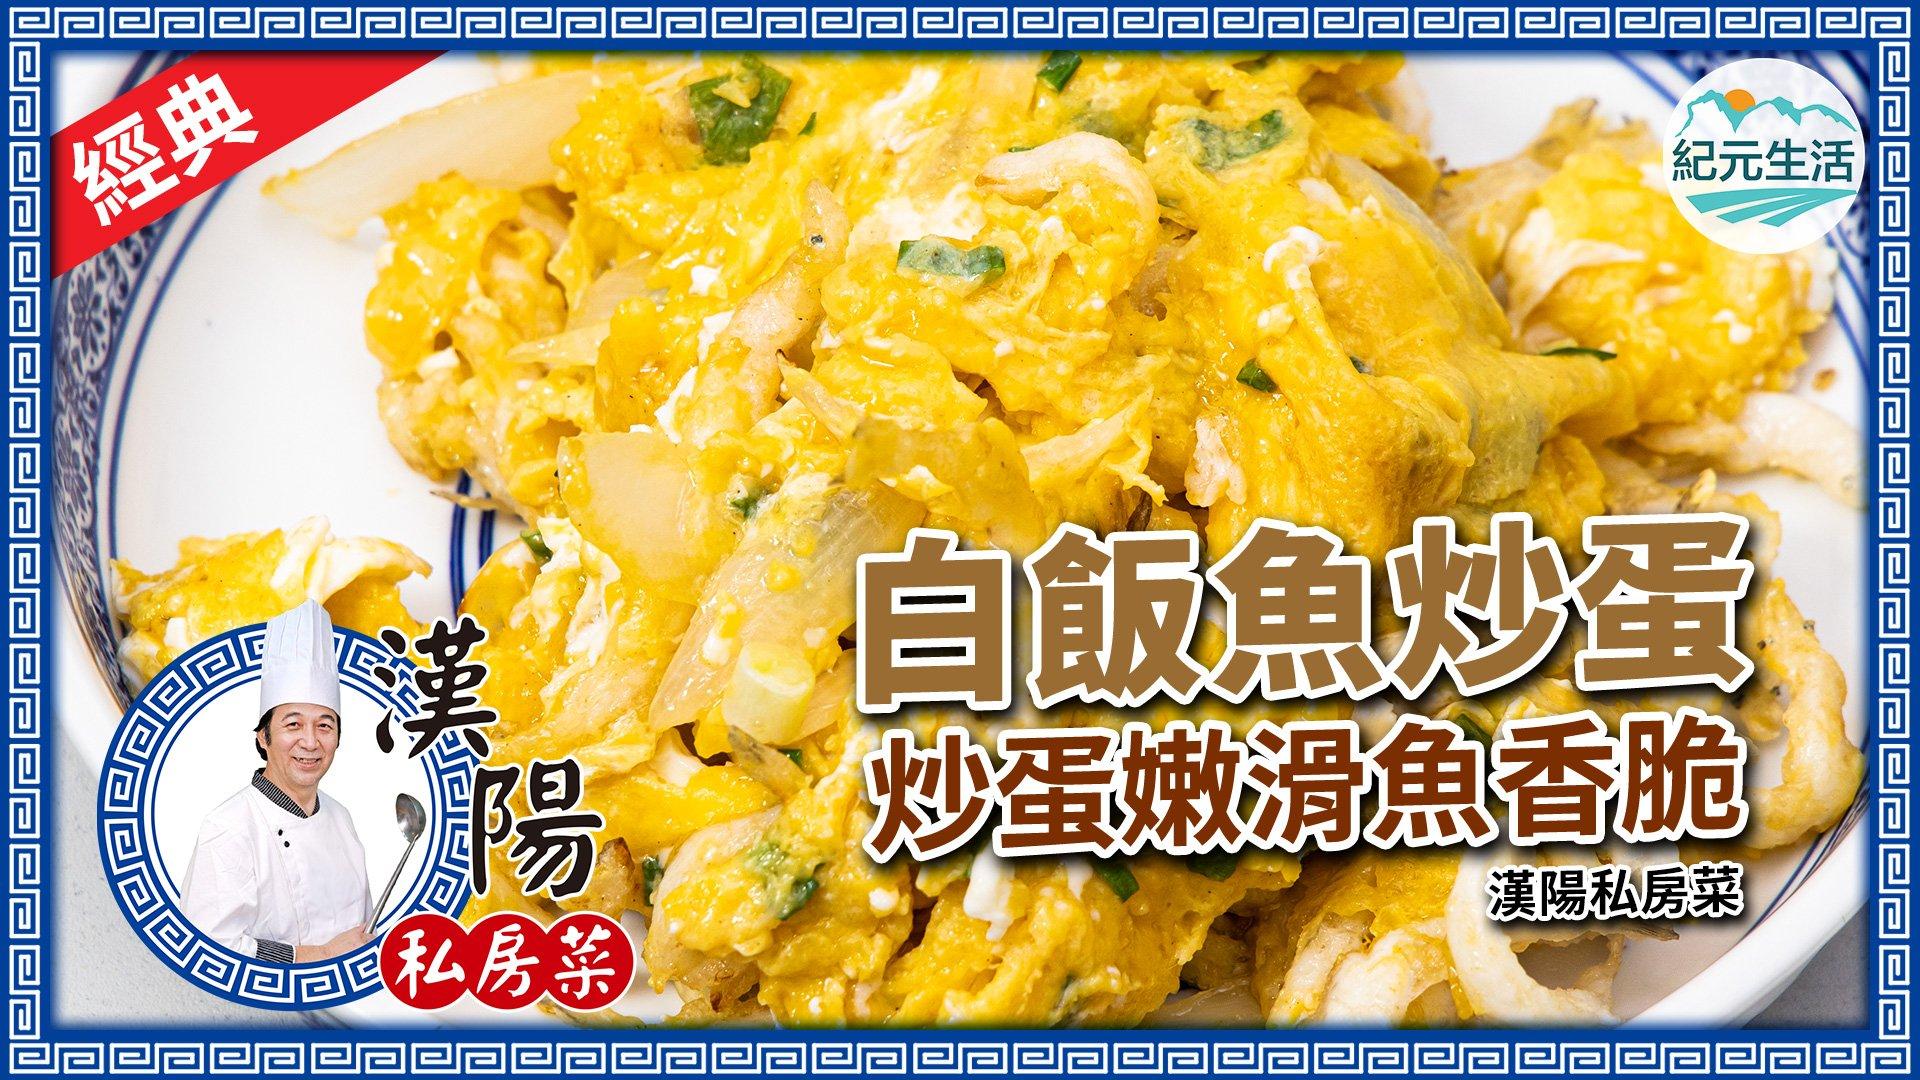 家常小菜「白飯魚炒蛋」怎麼做才好吃?白飯魚拌以滑嫩煎蛋,令人垂涎三尺!(設計圖片)